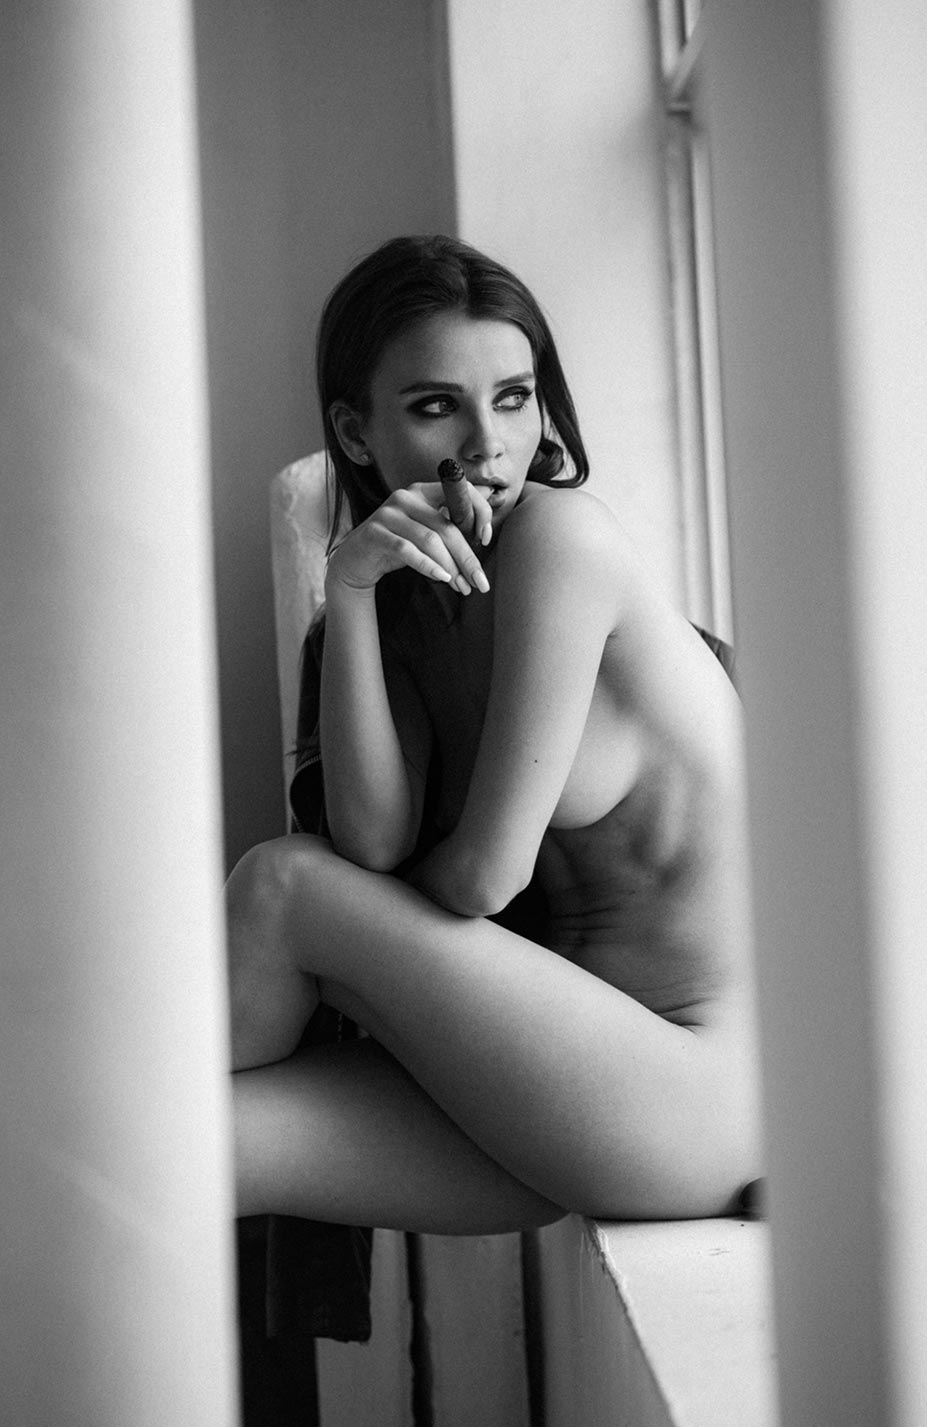 Кристина Макарова экспериментирует со стремянкой / фото 04